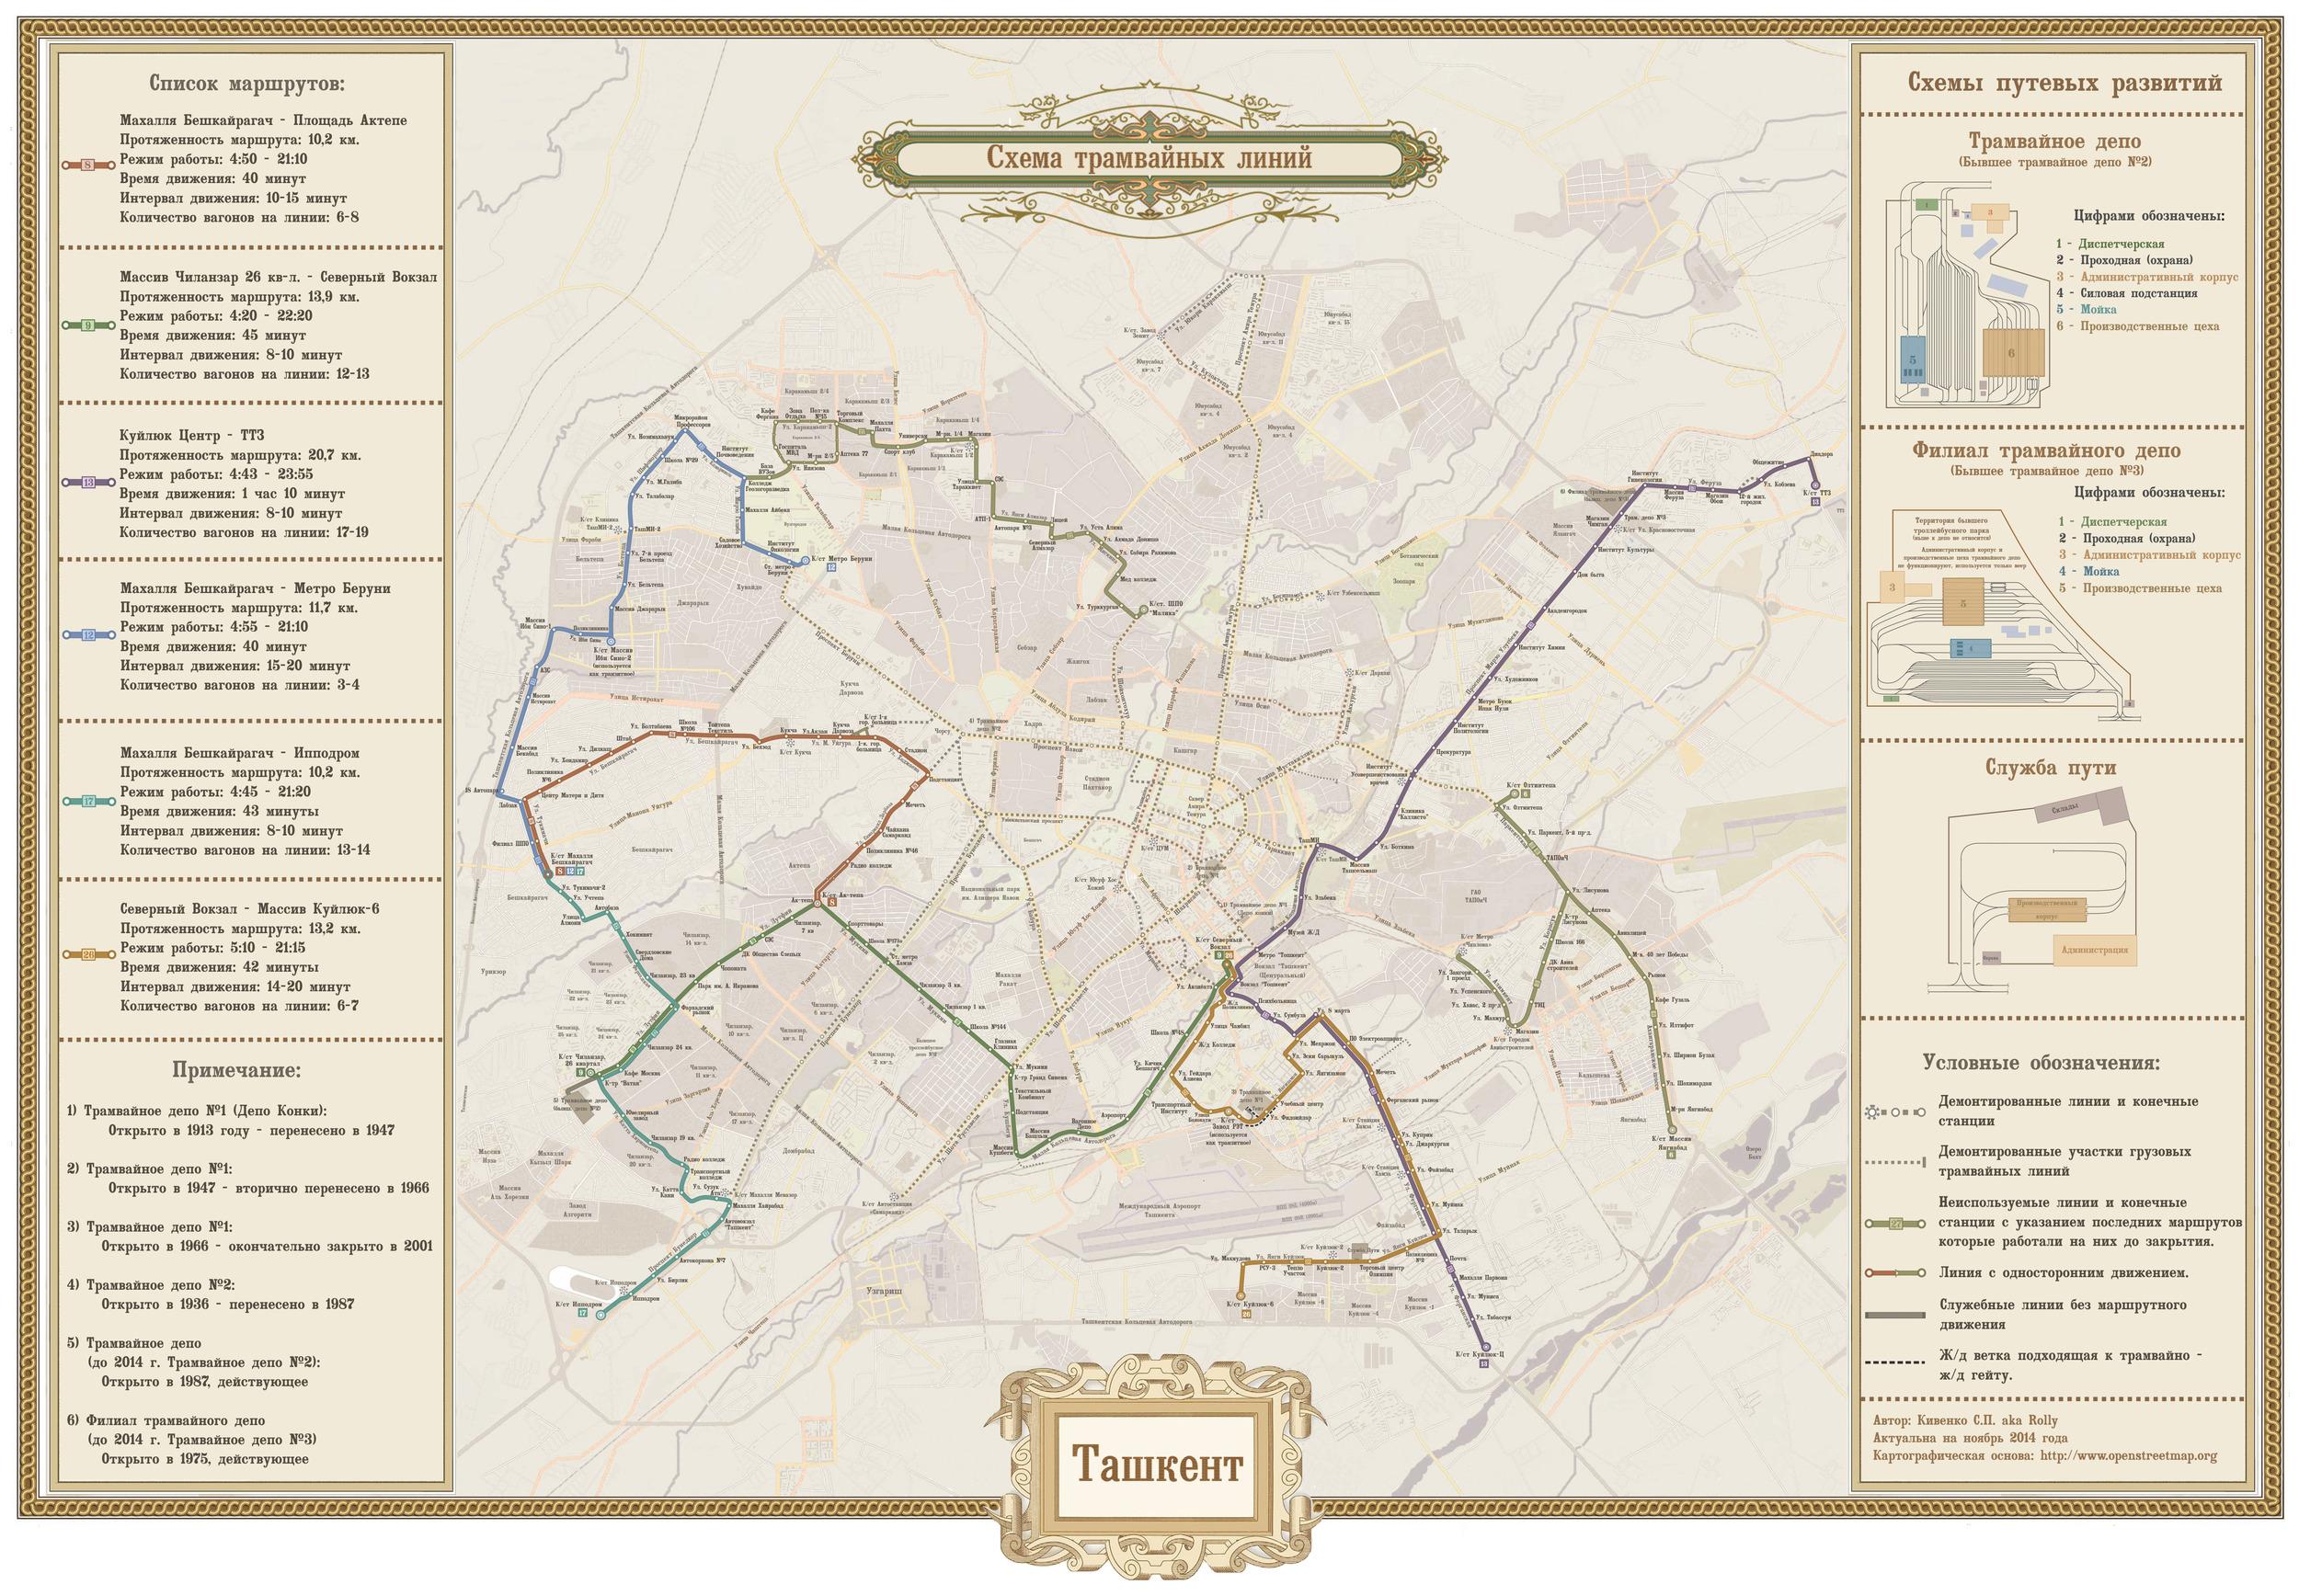 Plán tramvajové sítě v Taškentu z března 2015. (zdroj: transphoto.ru)